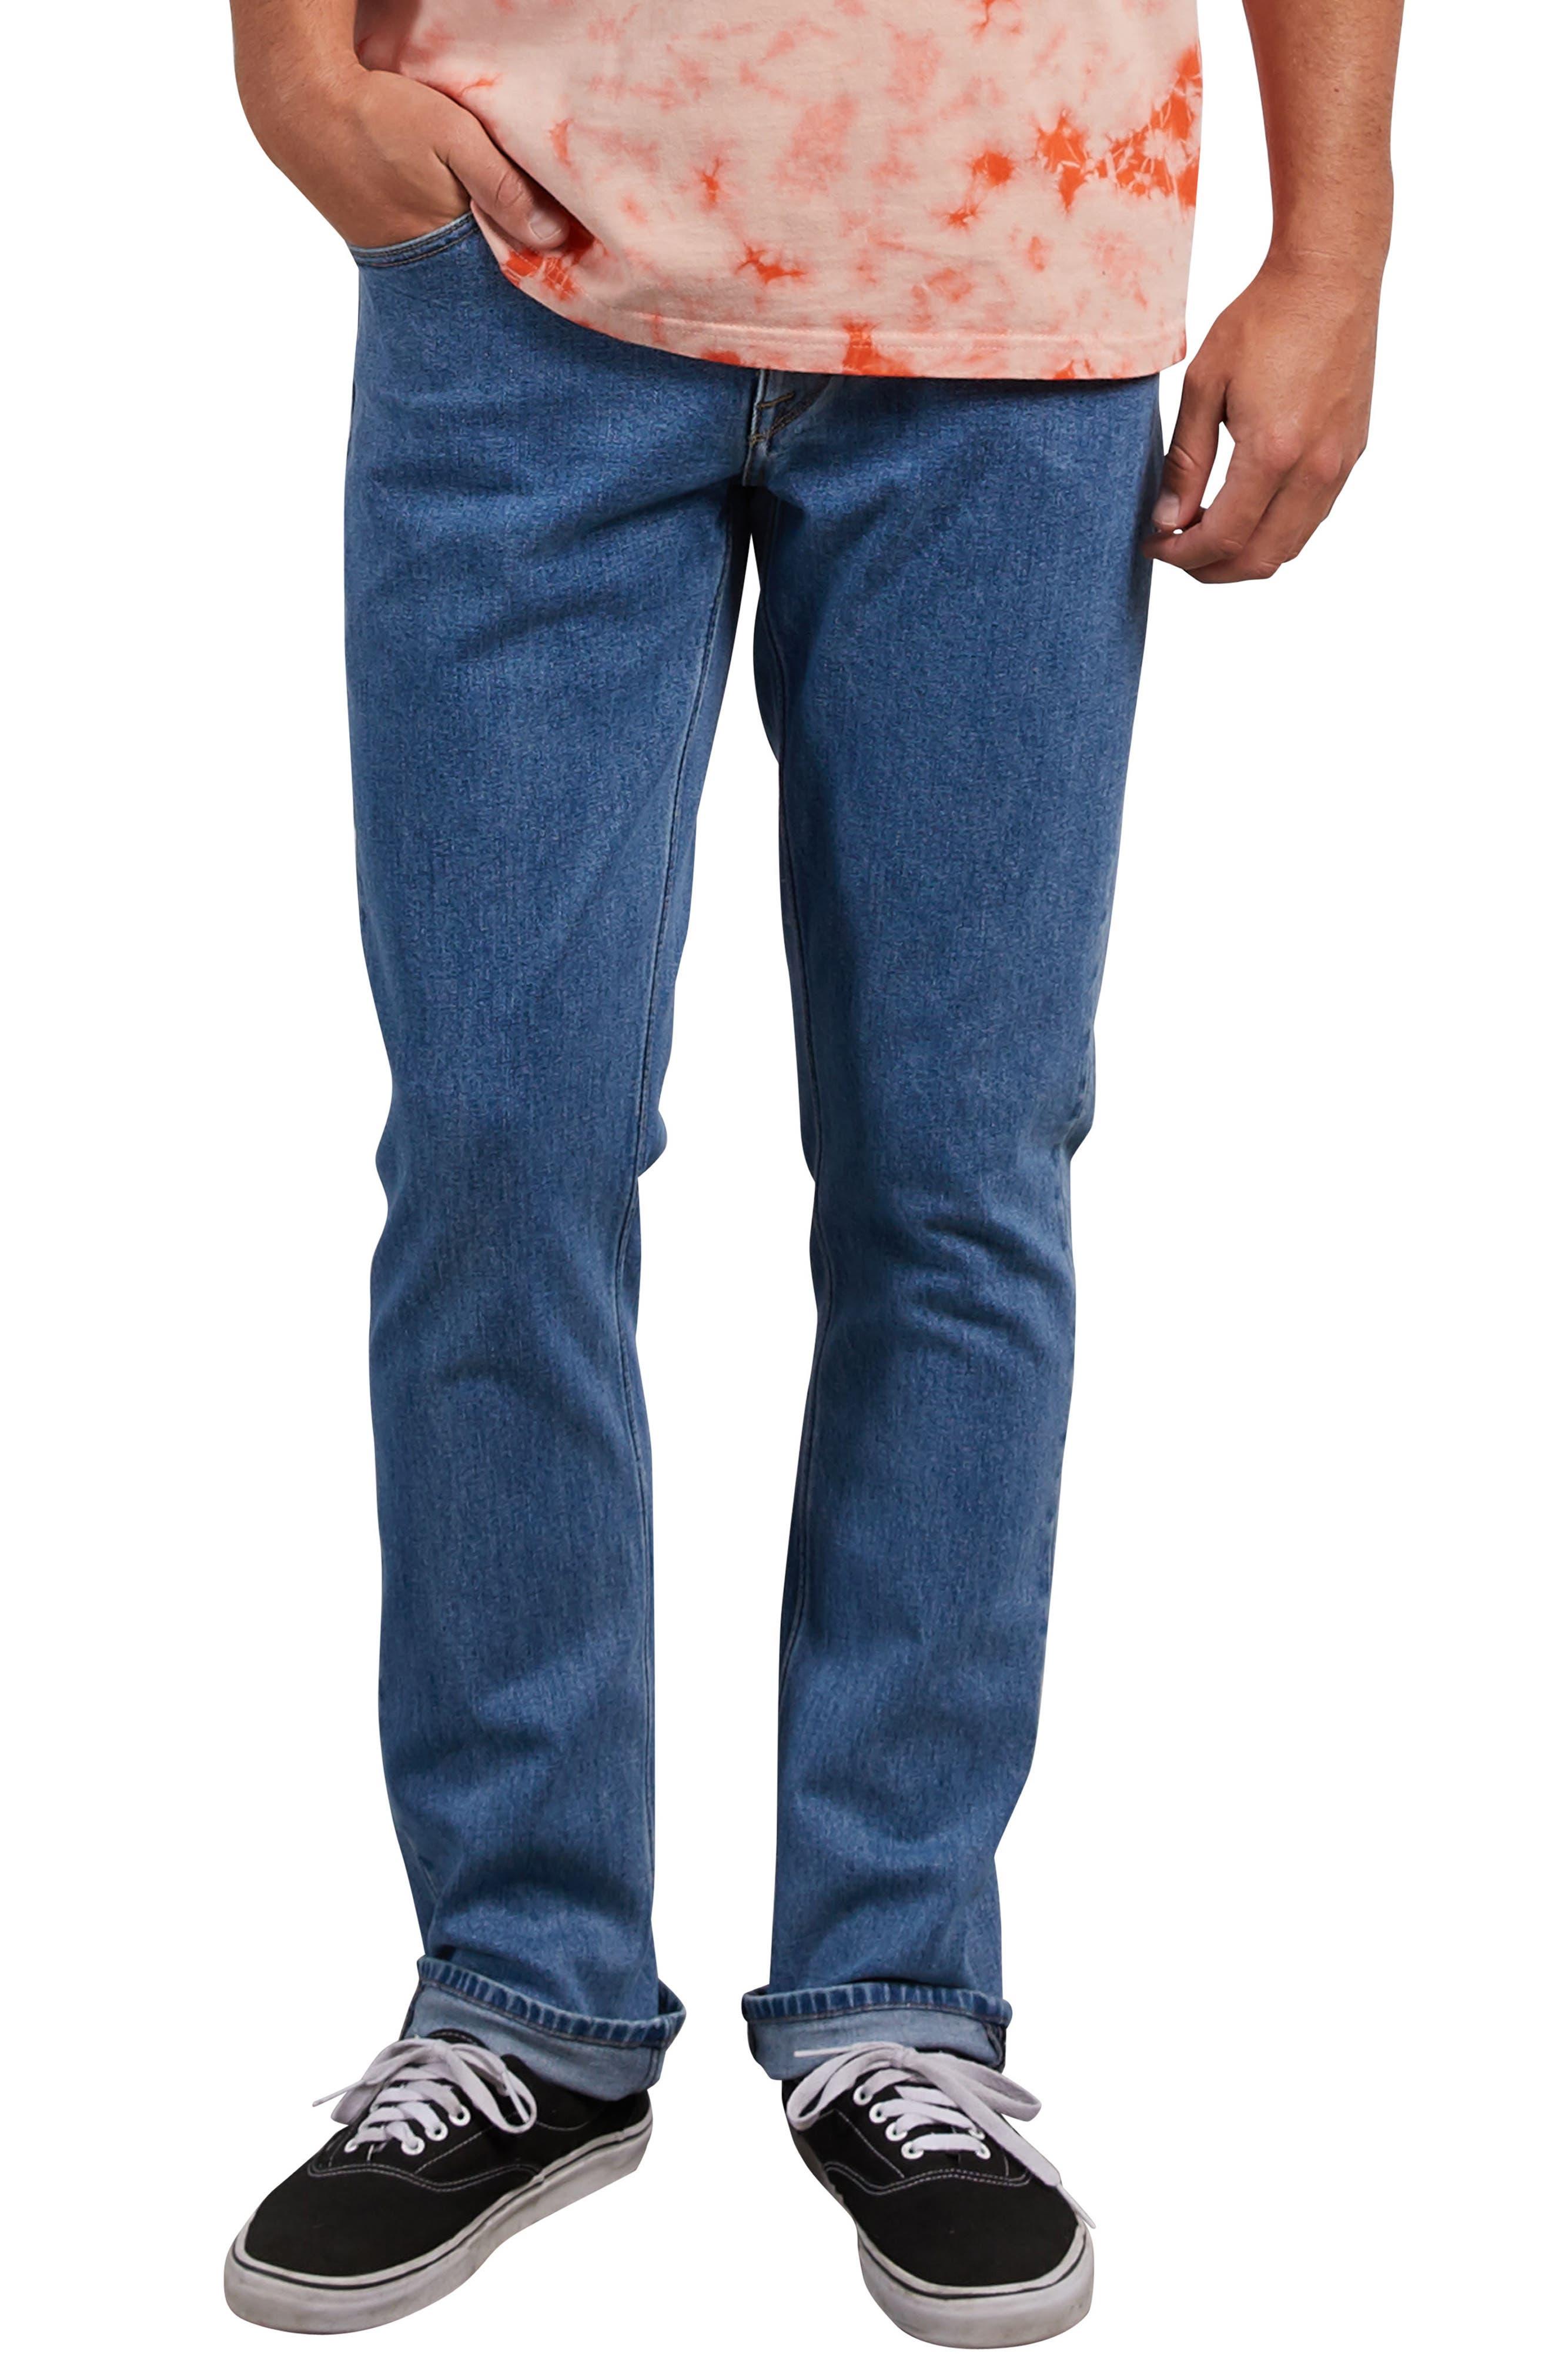 Vorta Slim Fit Jeans,                         Main,                         color, STONE BLUE